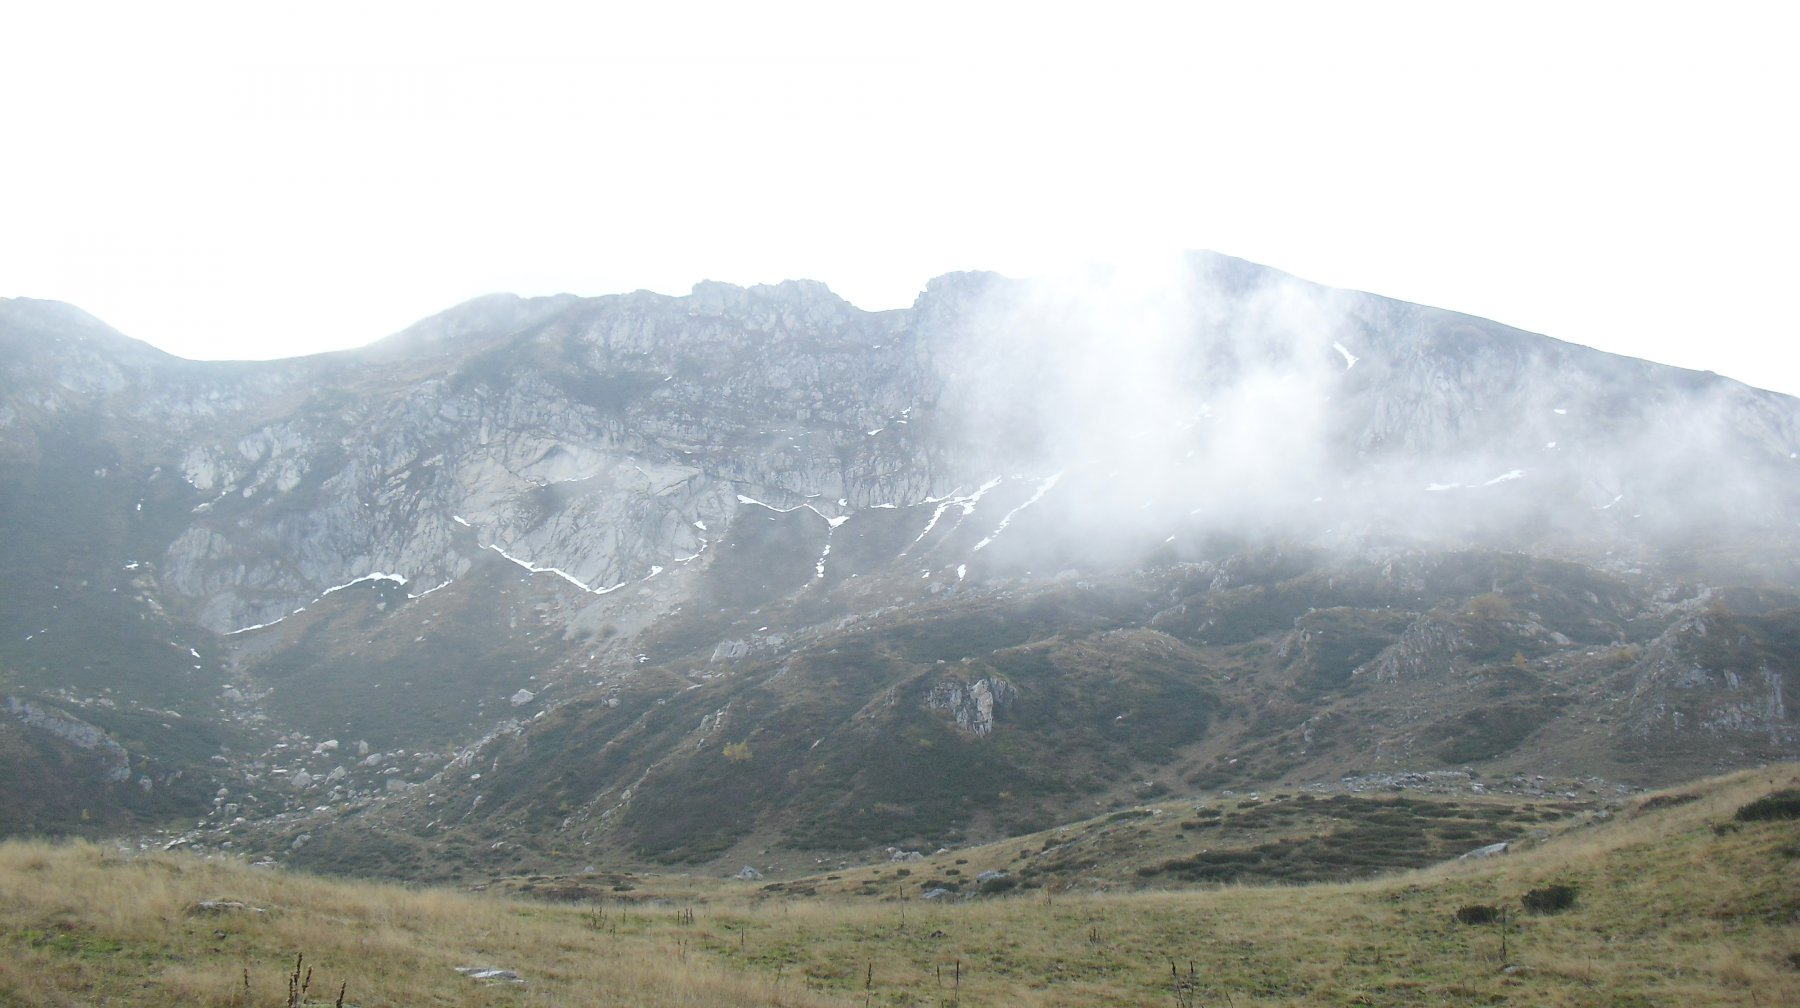 Cima Ciuaiera tra le nuvole dal vallone superiore.